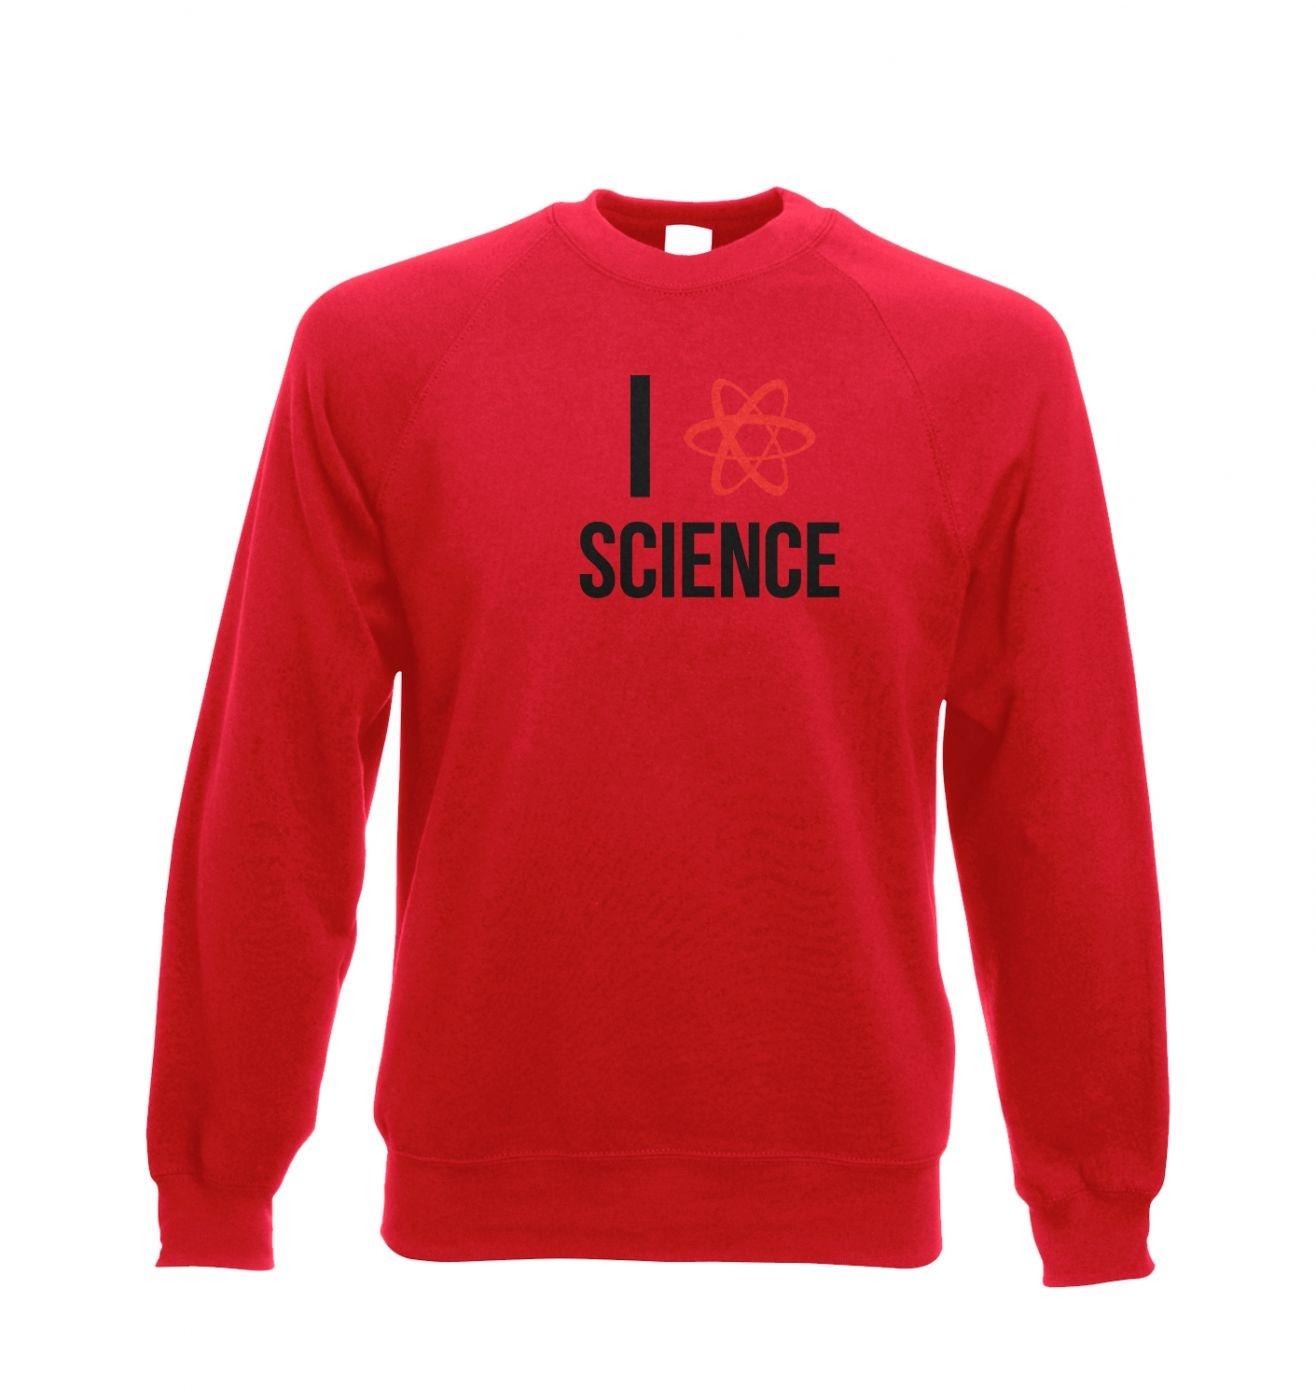 I love Science Adult Crewneck Sweatshirt